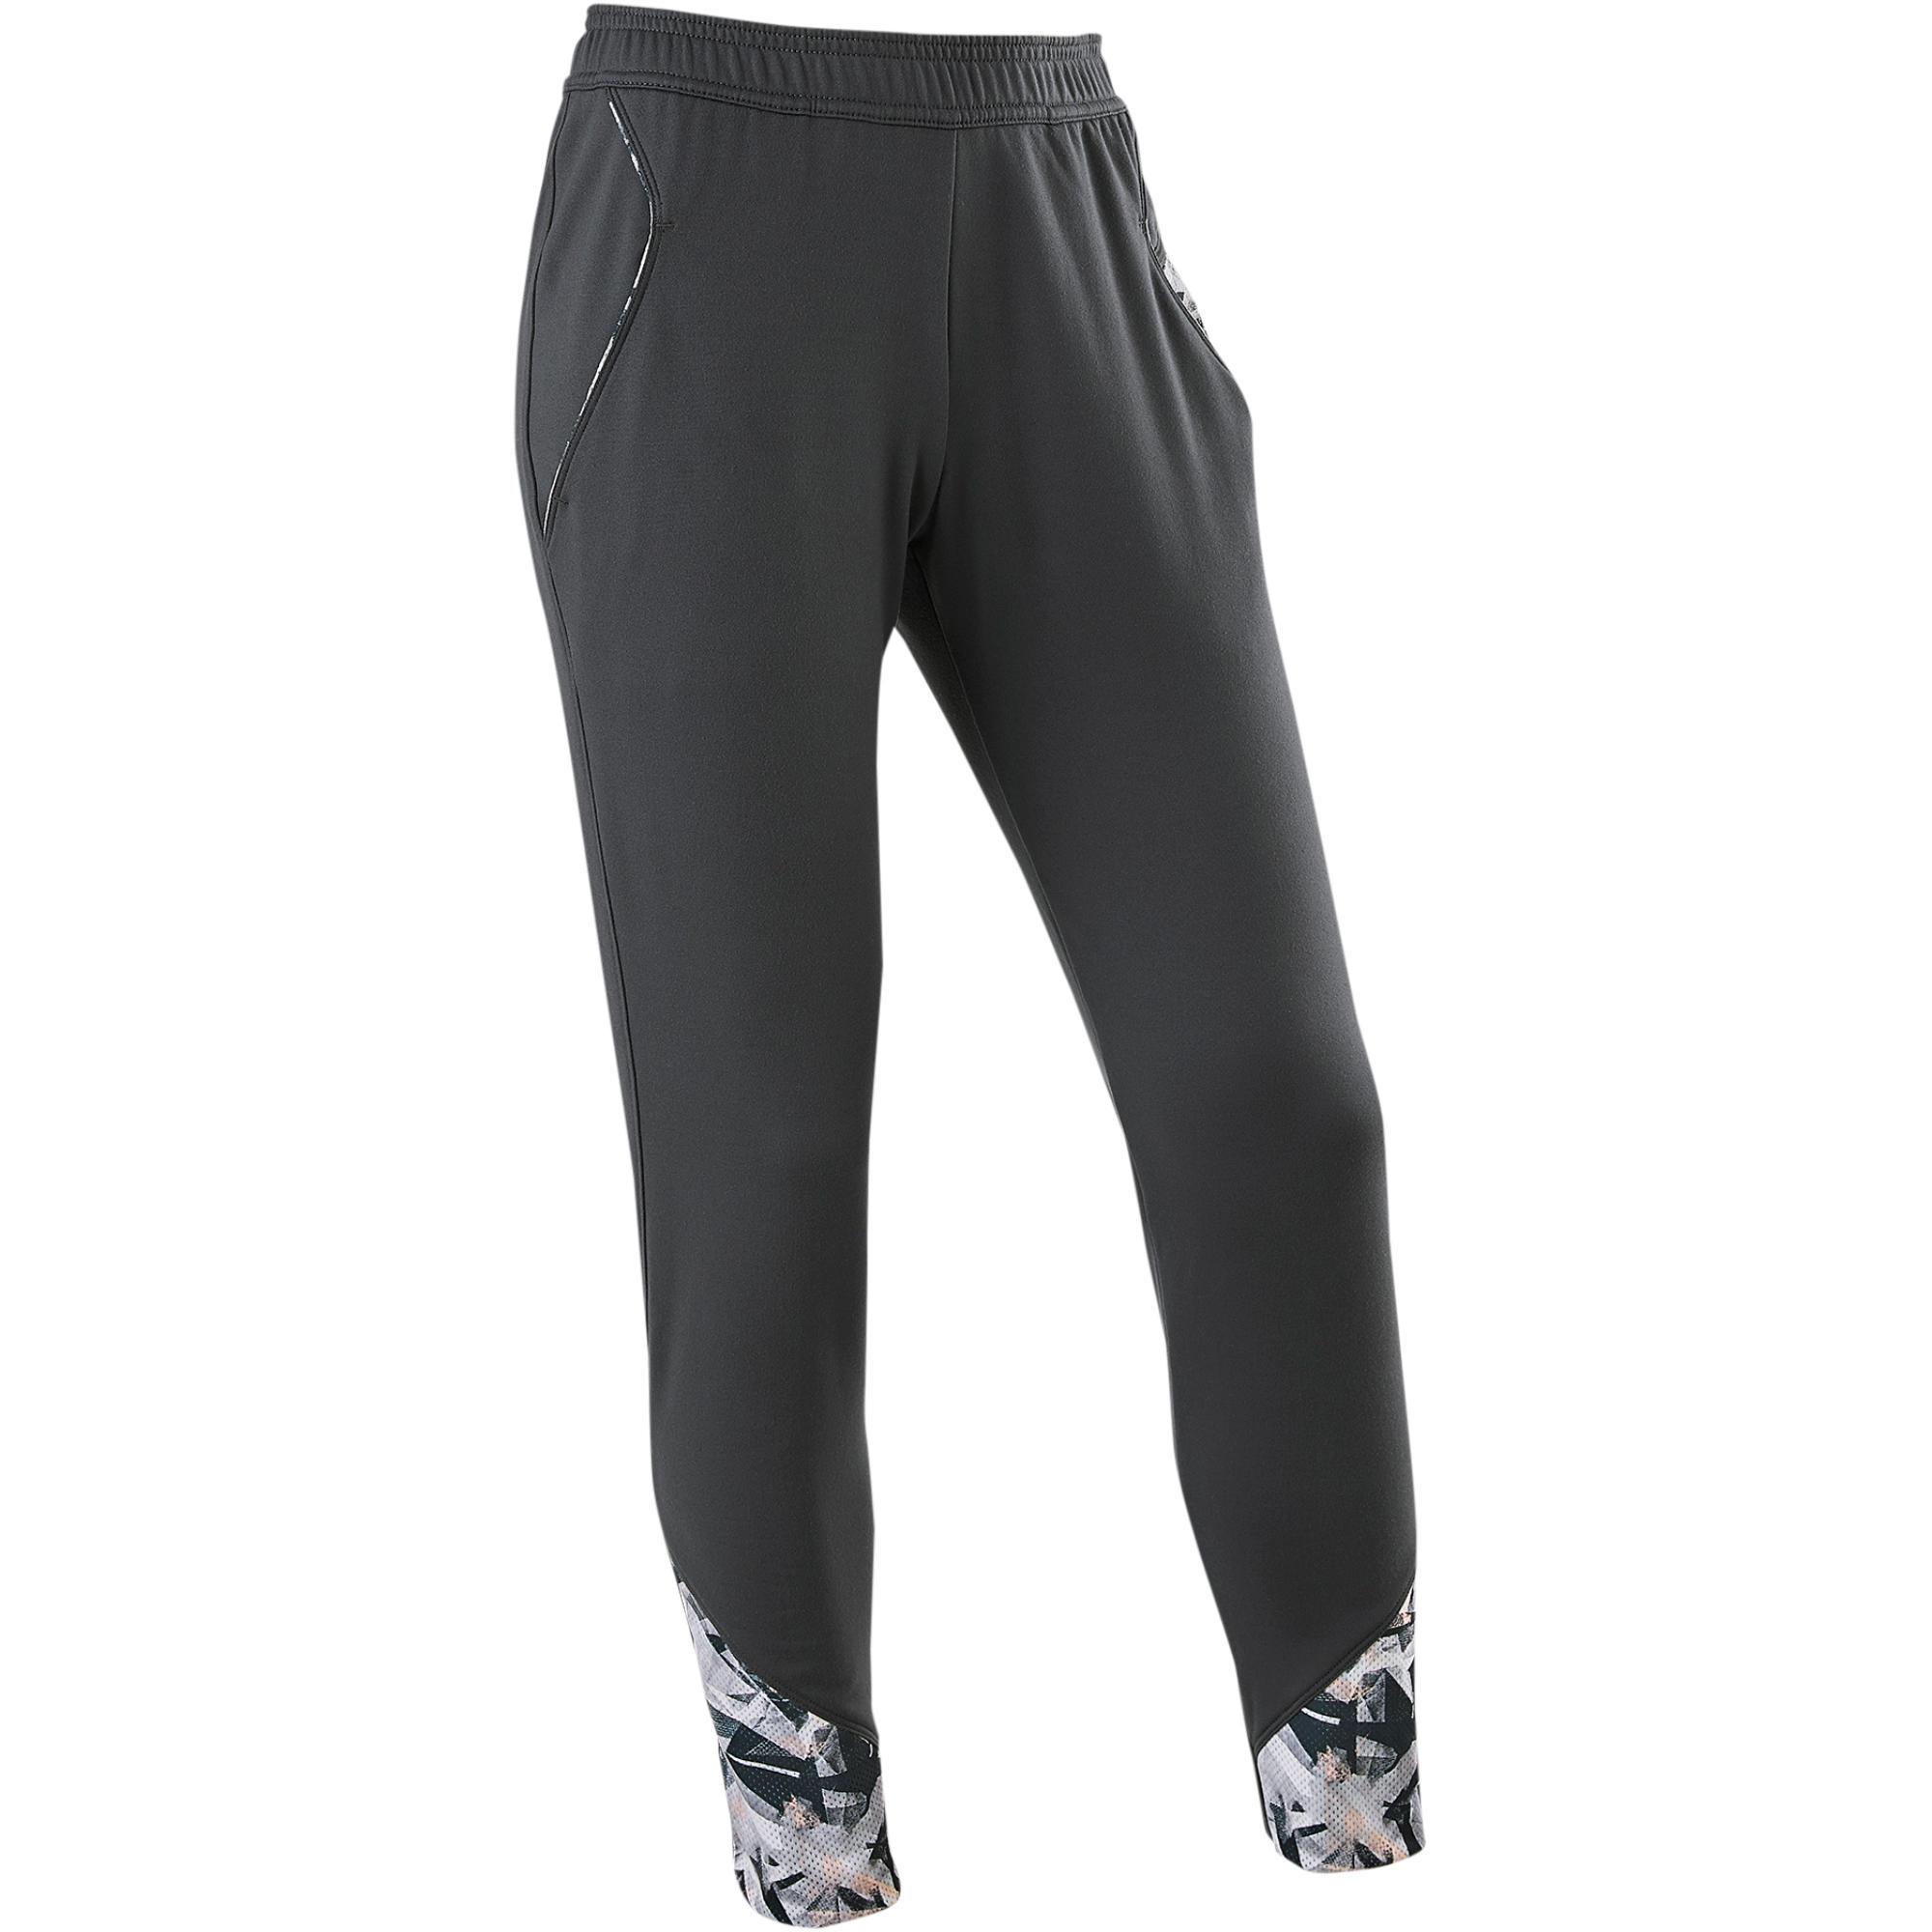 Domyos Warme ademende broek regular fit S900 meisjes GYM KINDEREN grijs met print